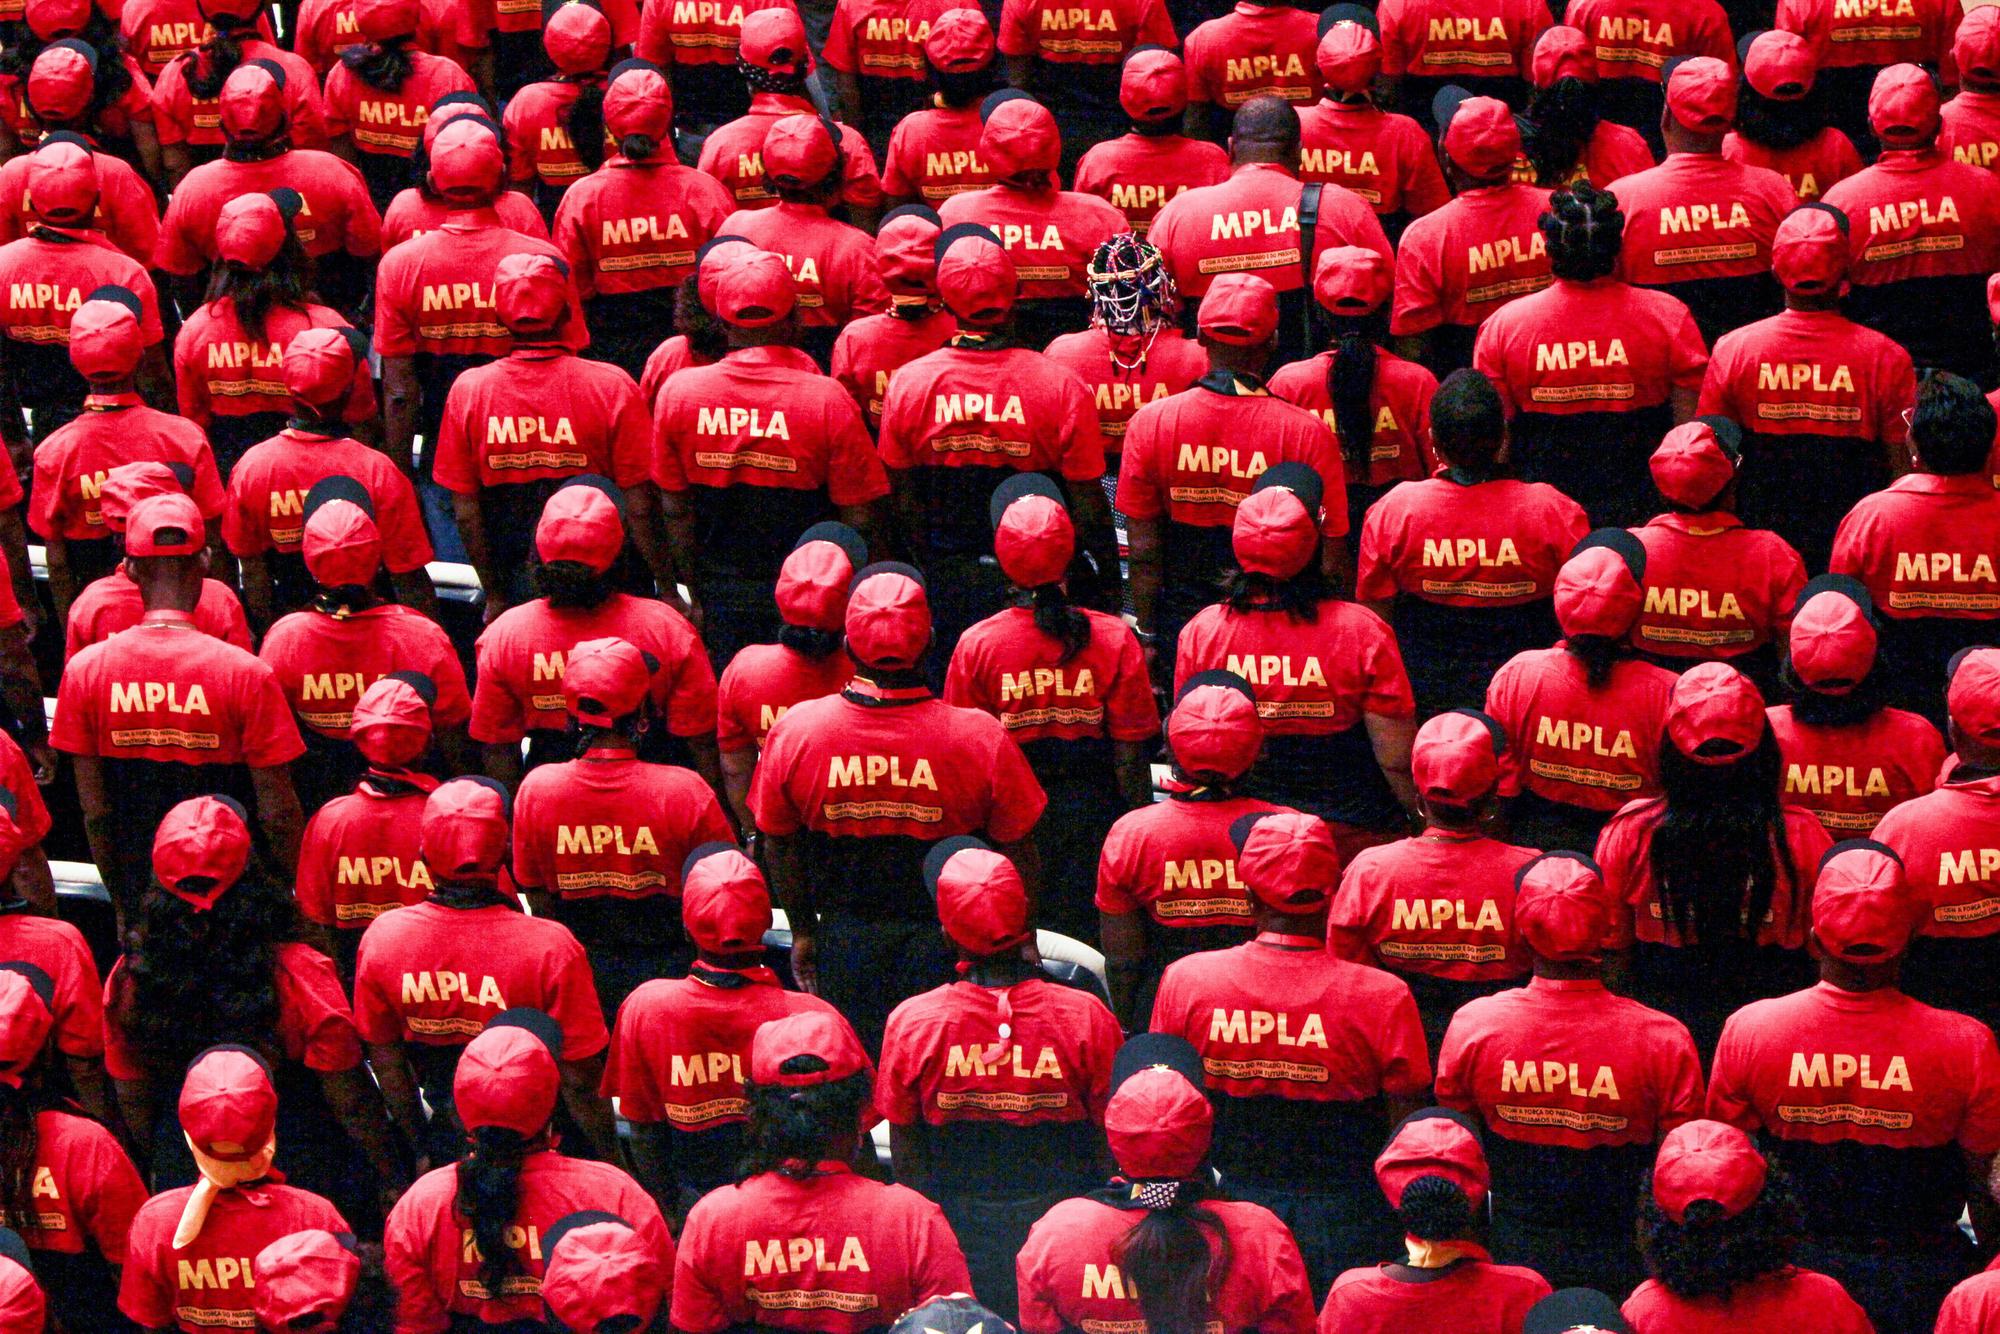 Délégués du MPLA lors du congrès extraordinaire de septembre2018, à l'issue duquel João Lourenço est arrivé au pouvoir.